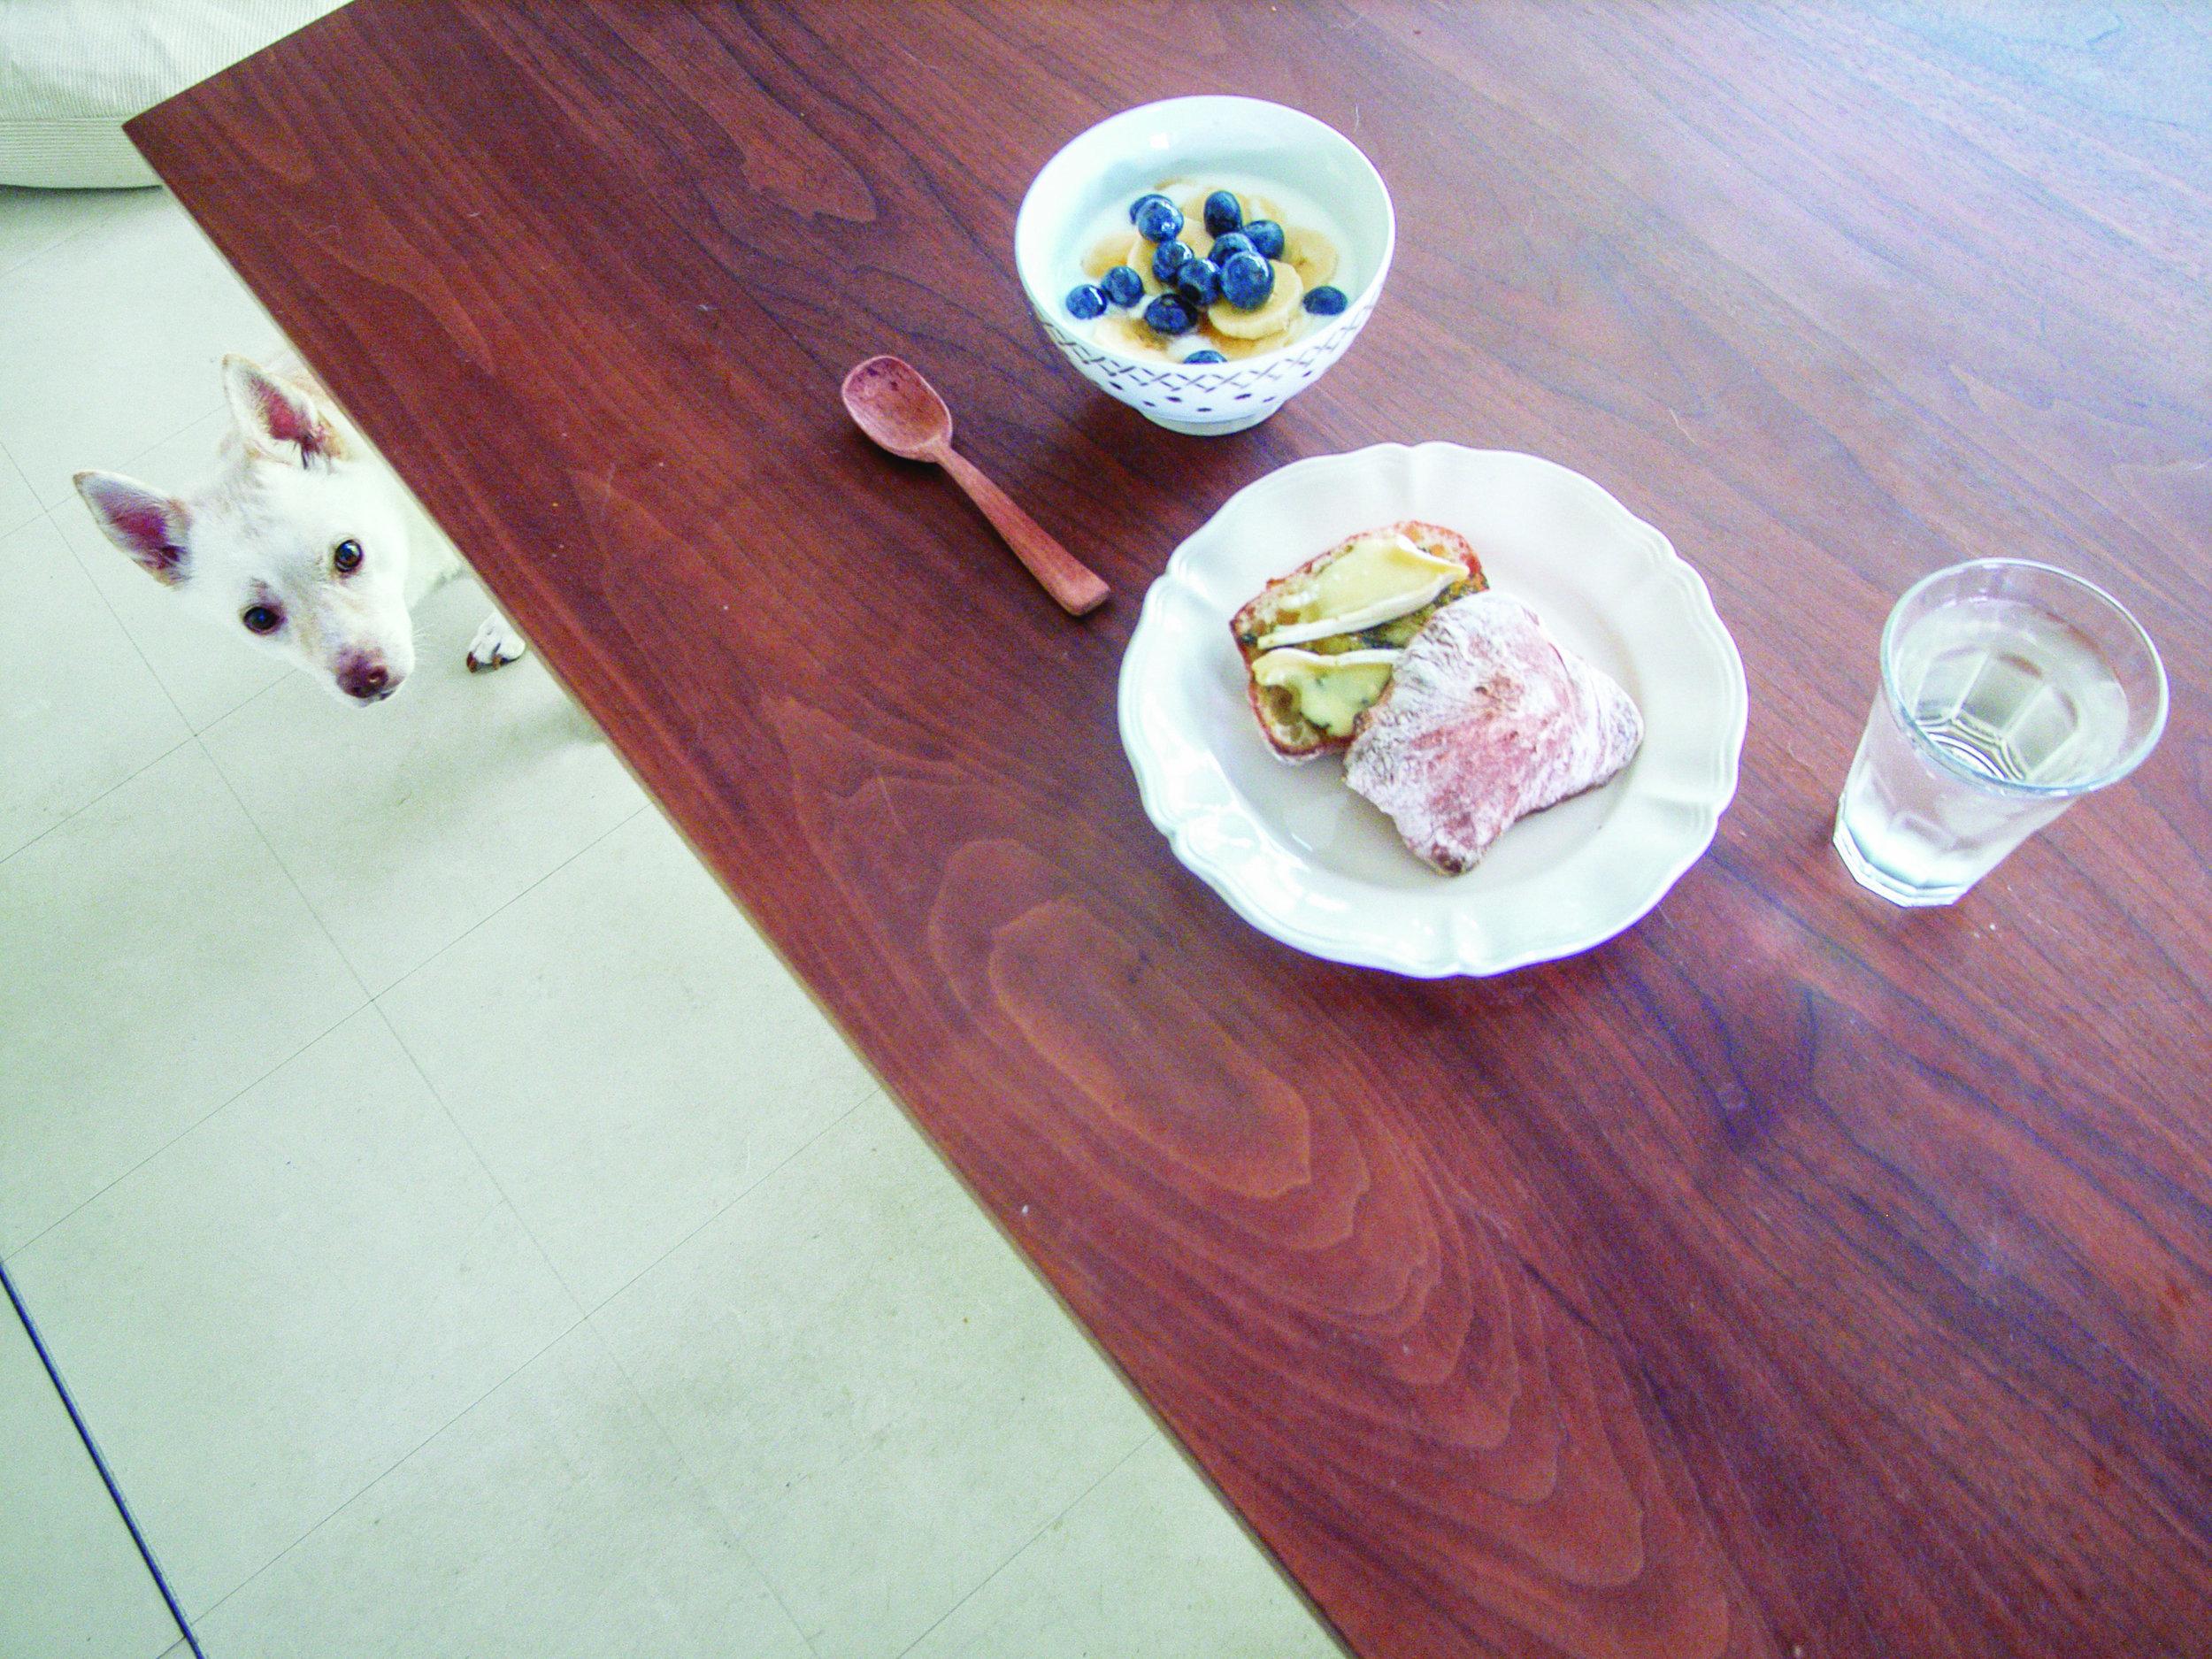 Natsuko, una specialista culinaria del distretto Nakano di Tokyo, ha adottato Kipple nove anni fa, dopo averla trovata su un sito web per la cura degli animali. Kuwahara lavora come culinary specialist, food stylist e fotografa. Foto Natsuko Kuwahara / Phaidon.